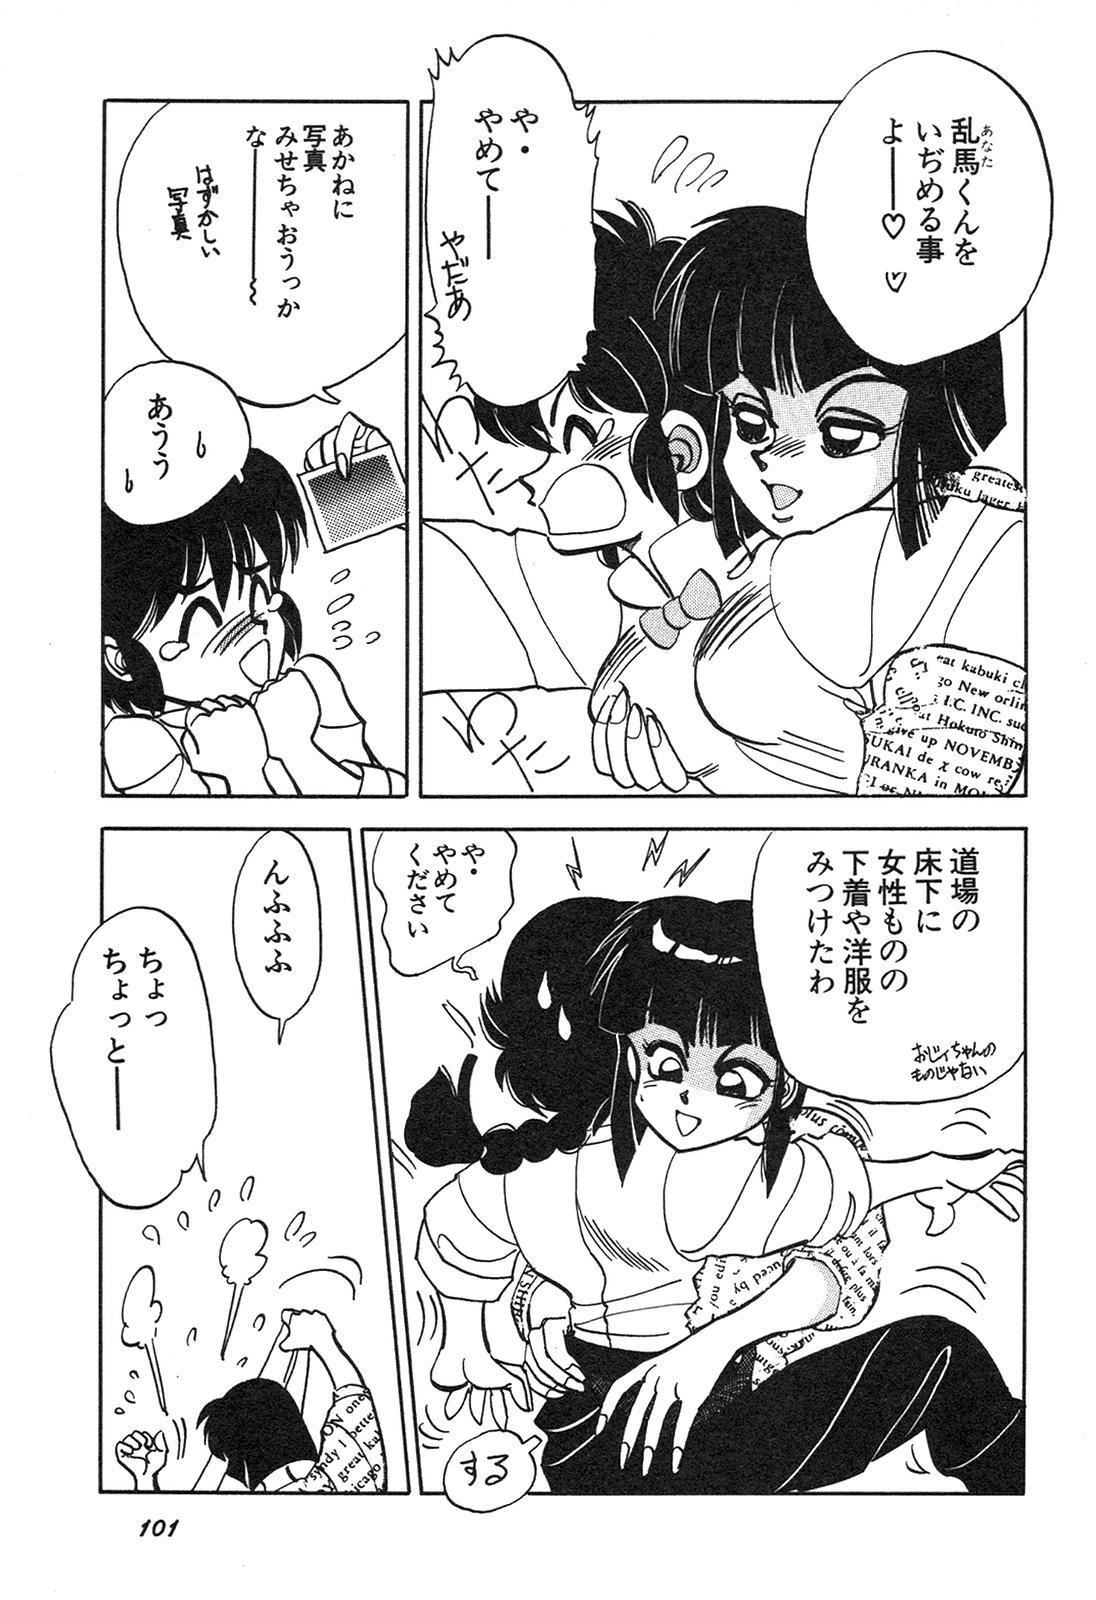 Shin Bishoujo Shoukougun 3 Yamato hen 101